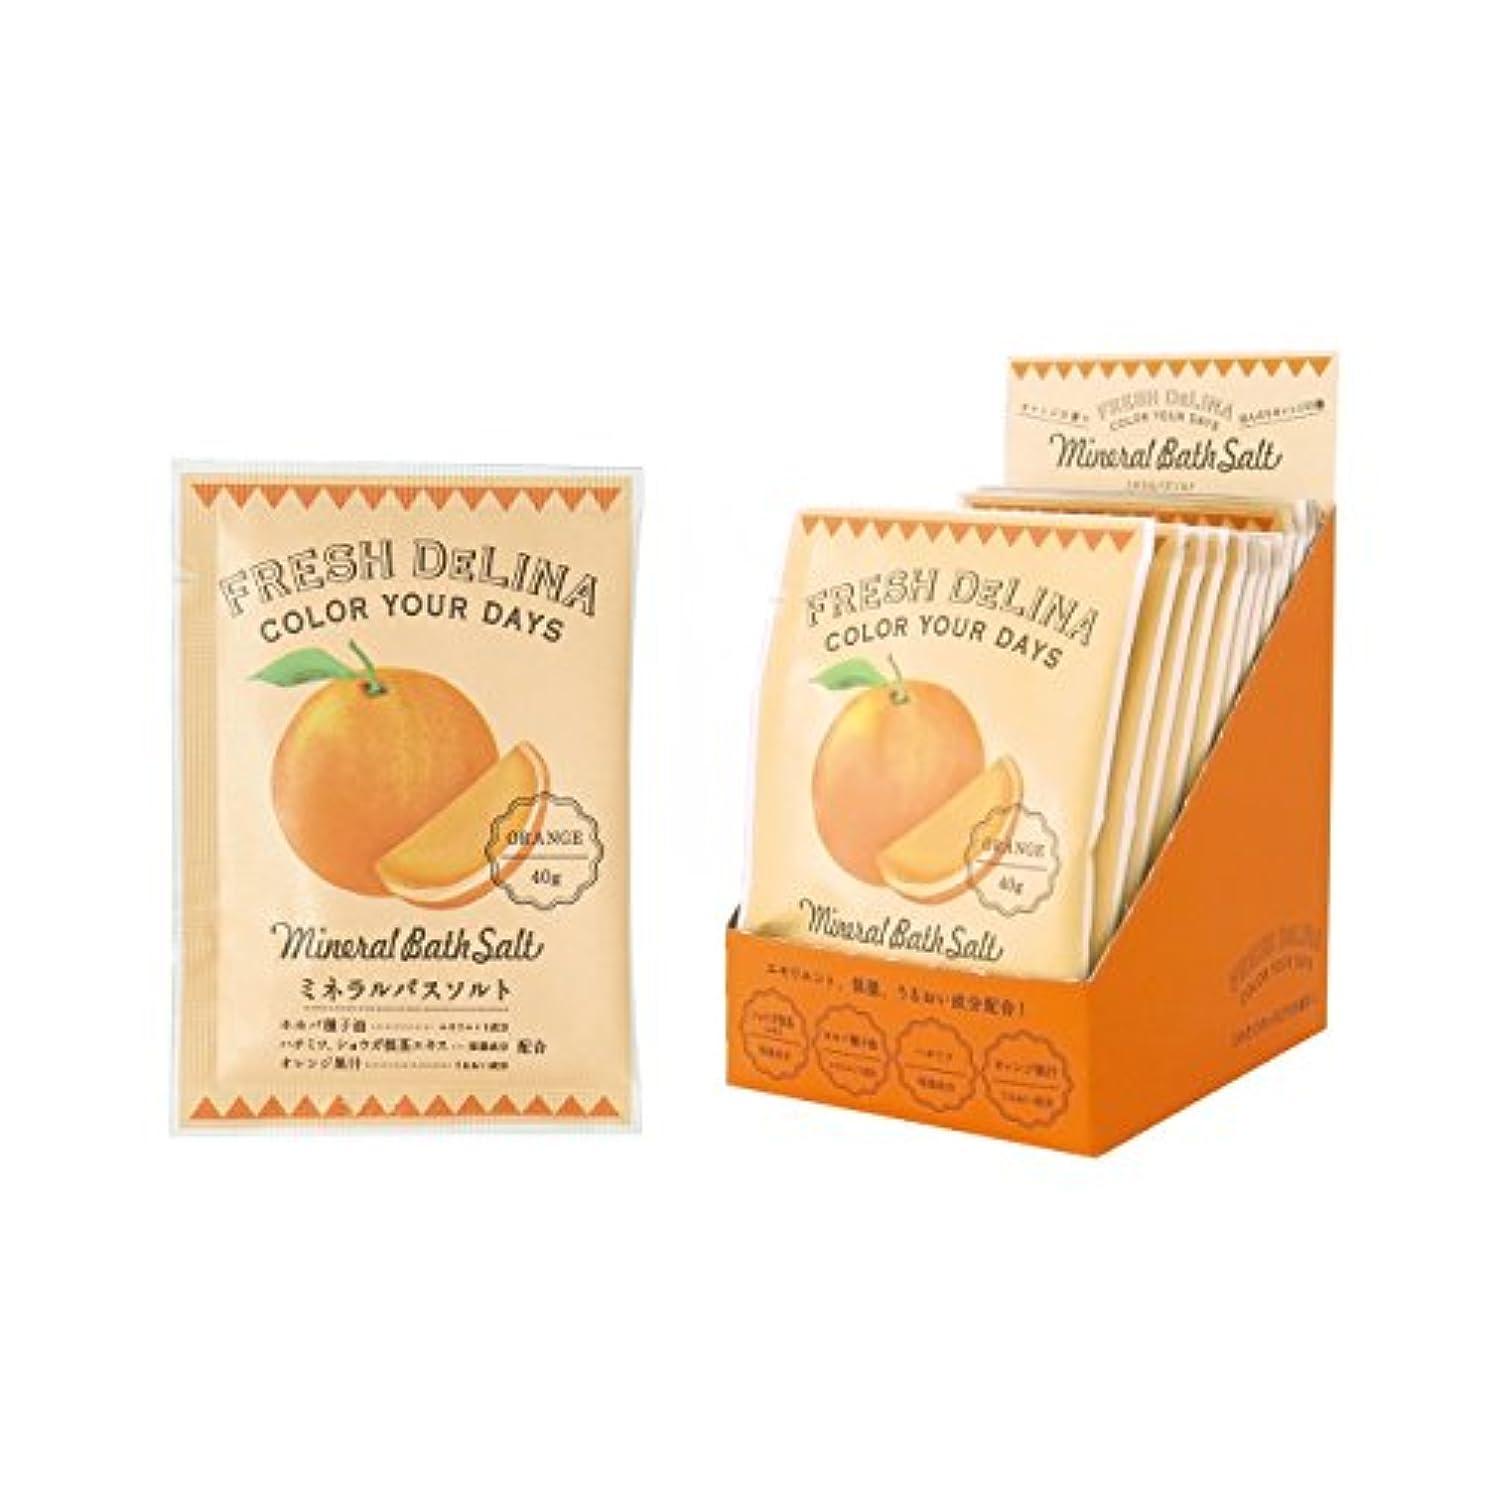 ディプロマブレス微生物フレッシュデリーナ ミネラルバスソルト40g(オレンジ) 12個 (海塩タイプ入浴料 日本製 フレッシュな柑橘系の香り)